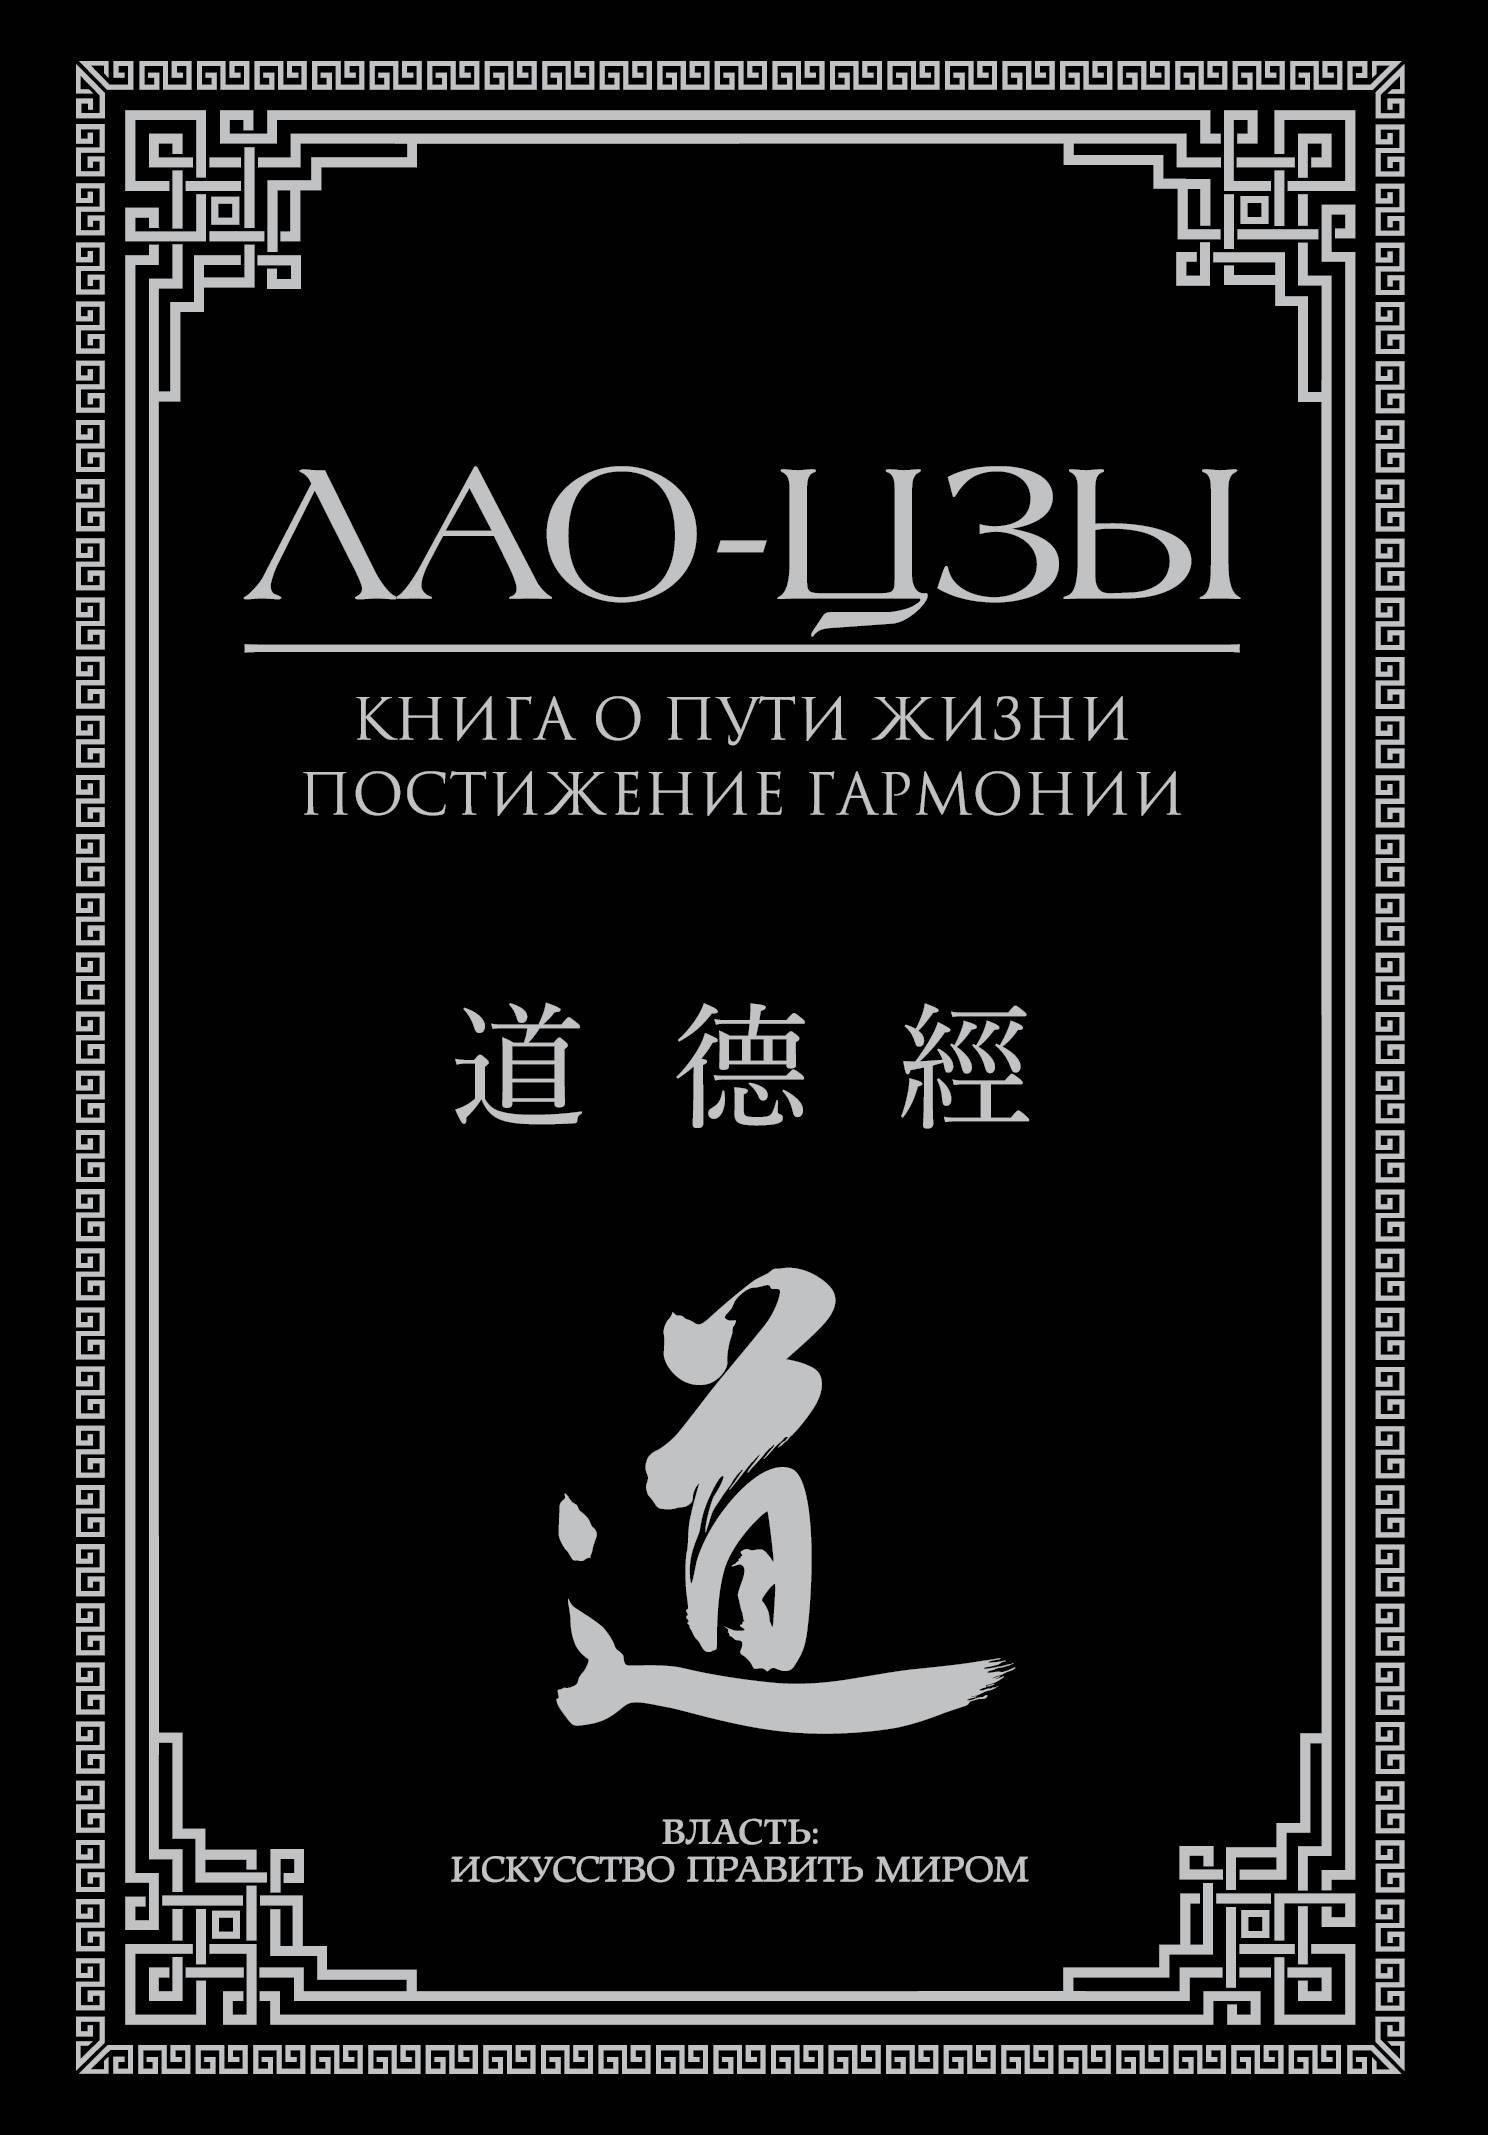 Книга о пути жизни. Постижение гармонии